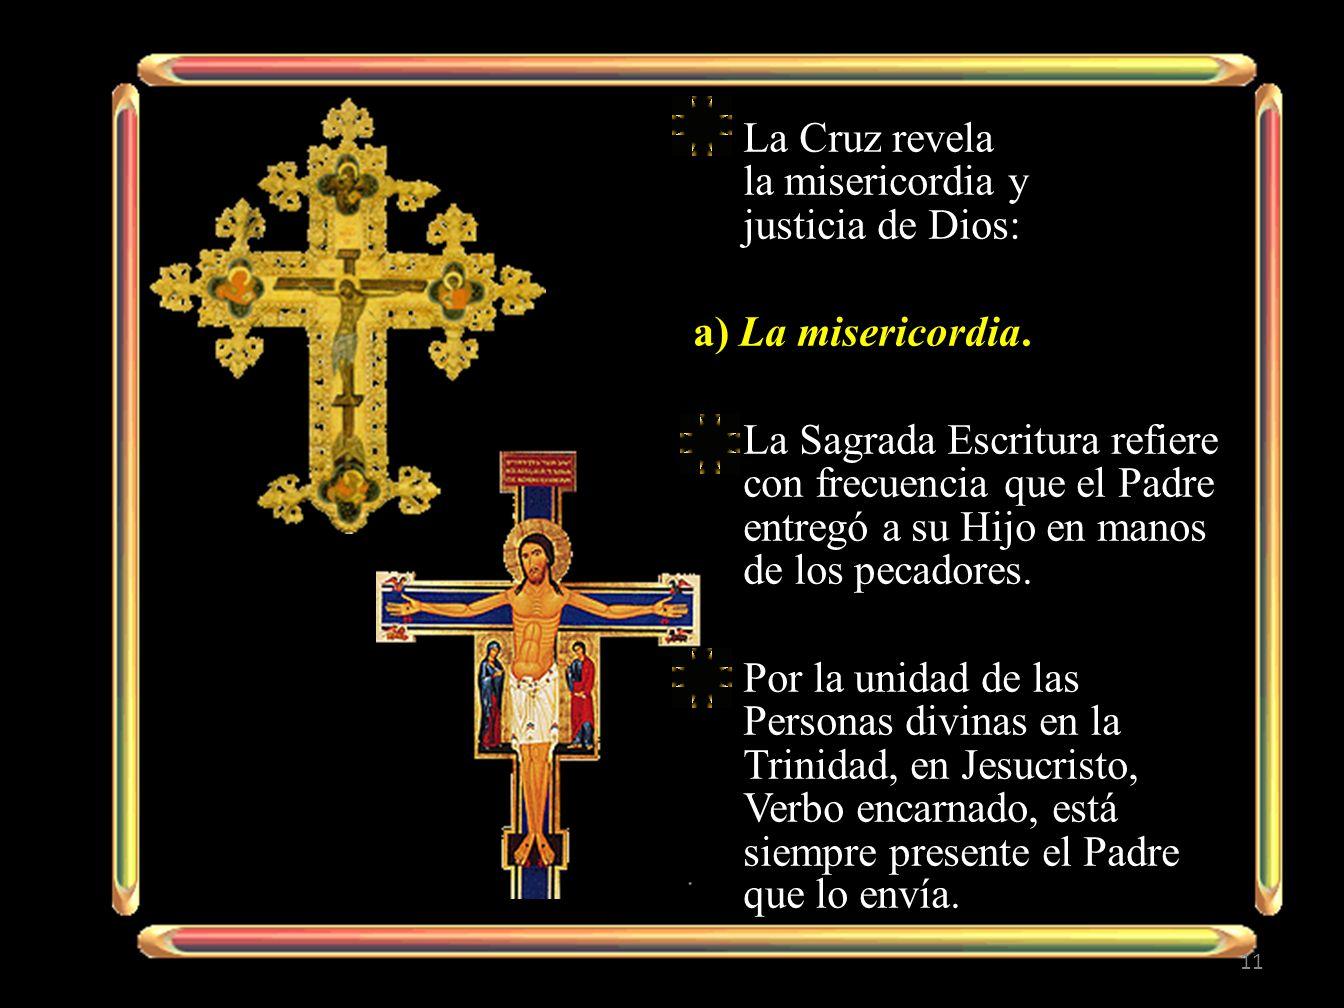 La Cruz revela la misericordia y justicia de Dios: